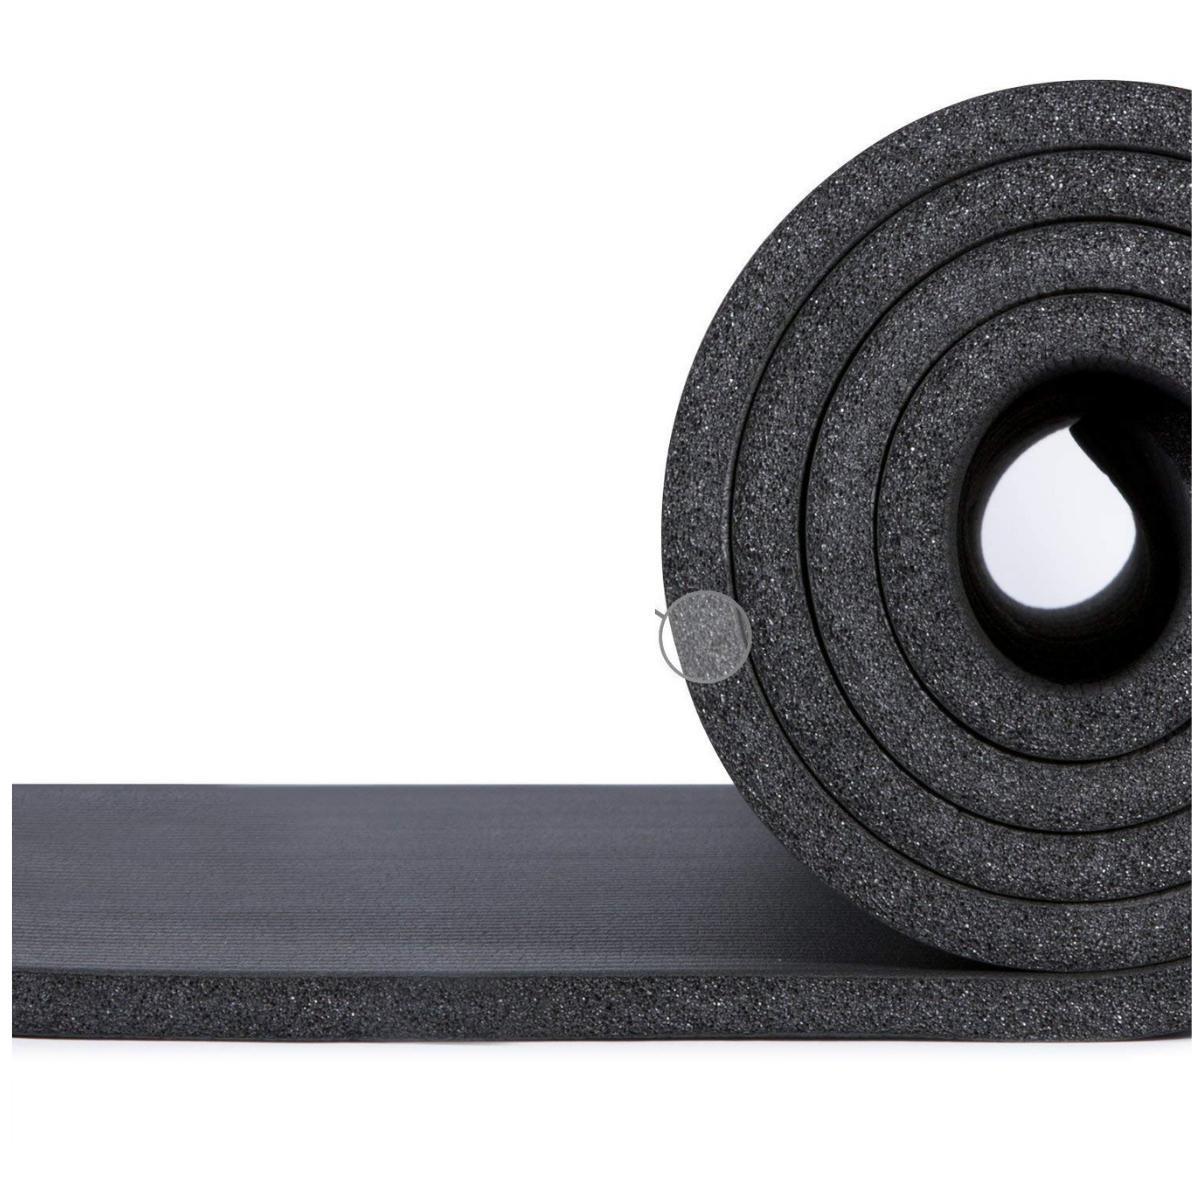 2dde95c3e tapete yoga preto em nbr 8mm com alças. Carregando zoom.